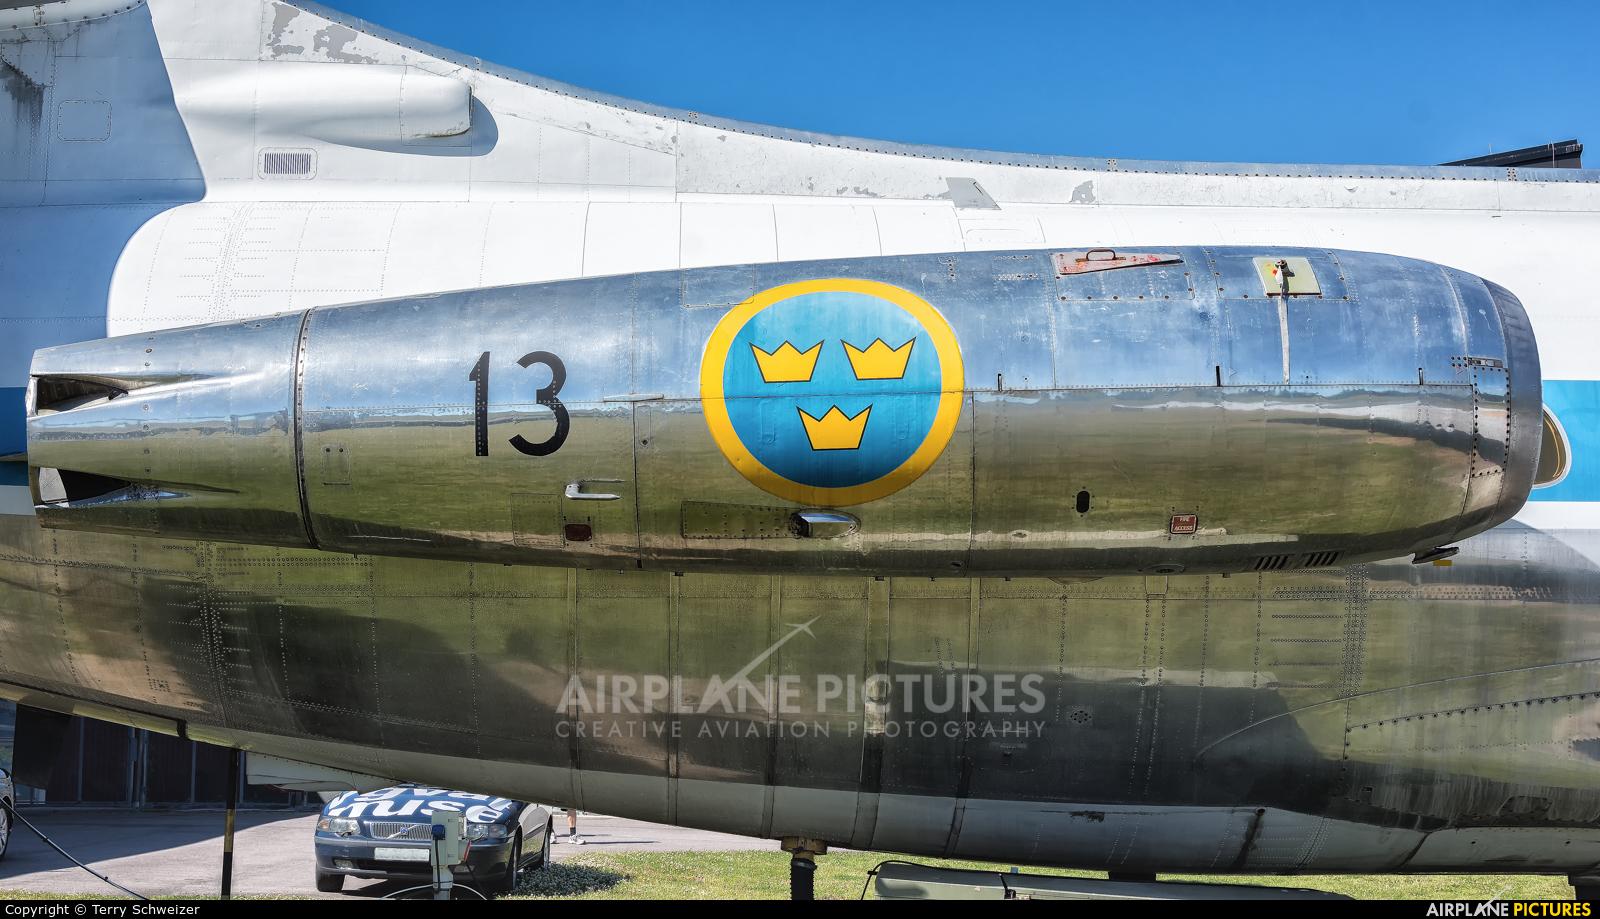 Sweden - Air Force 85172 aircraft at Malmen